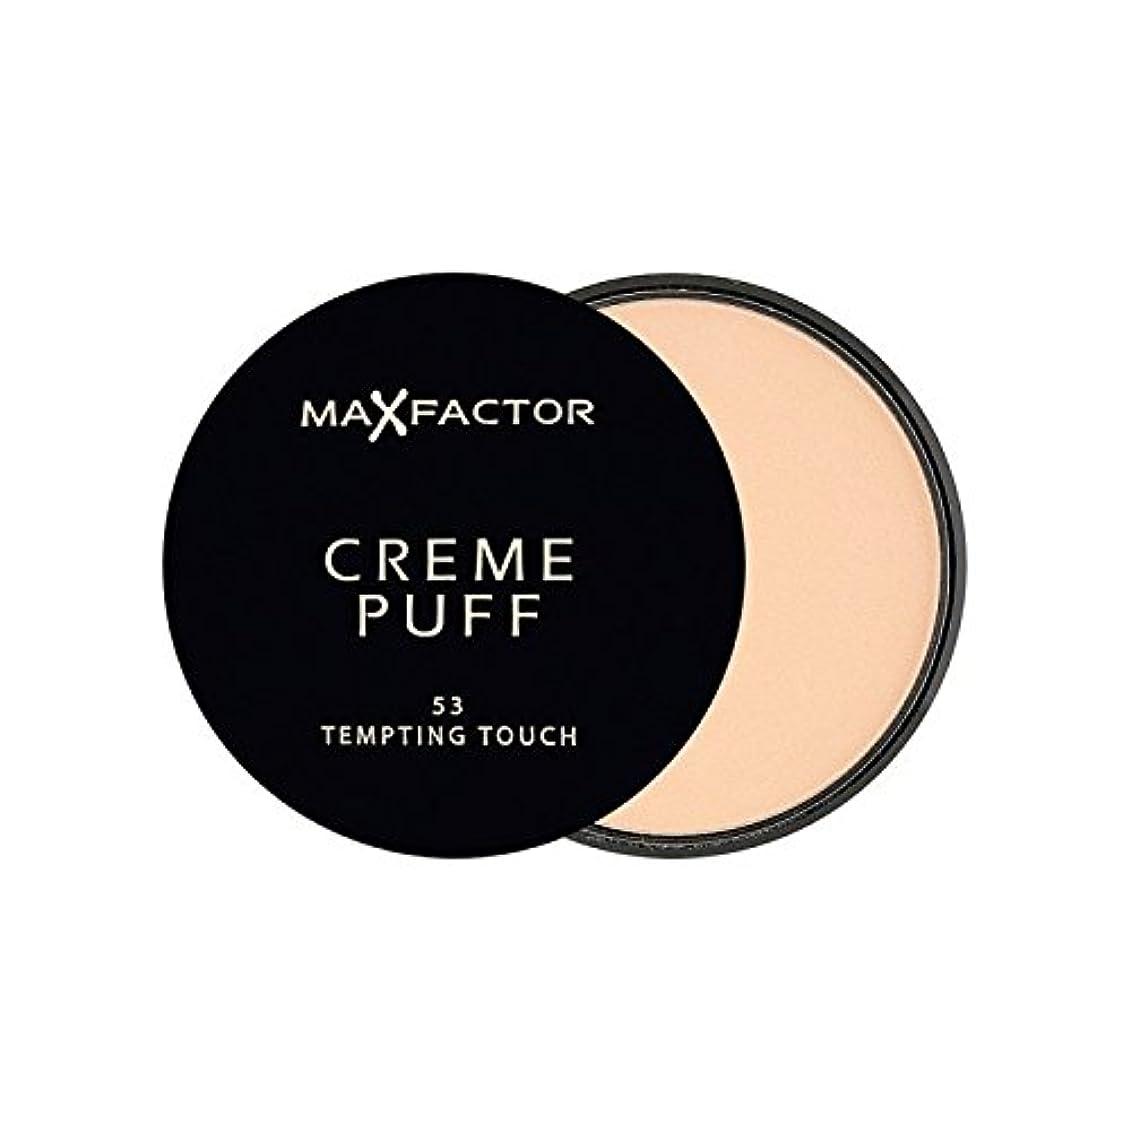 エール有益な誠実マックスファクタークリームパフパウダーコンパクト魅力的なタッチ53 x4 - Max Factor Creme Puff Powder Compact Tempting Touch 53 (Pack of 4) [並行輸入品]